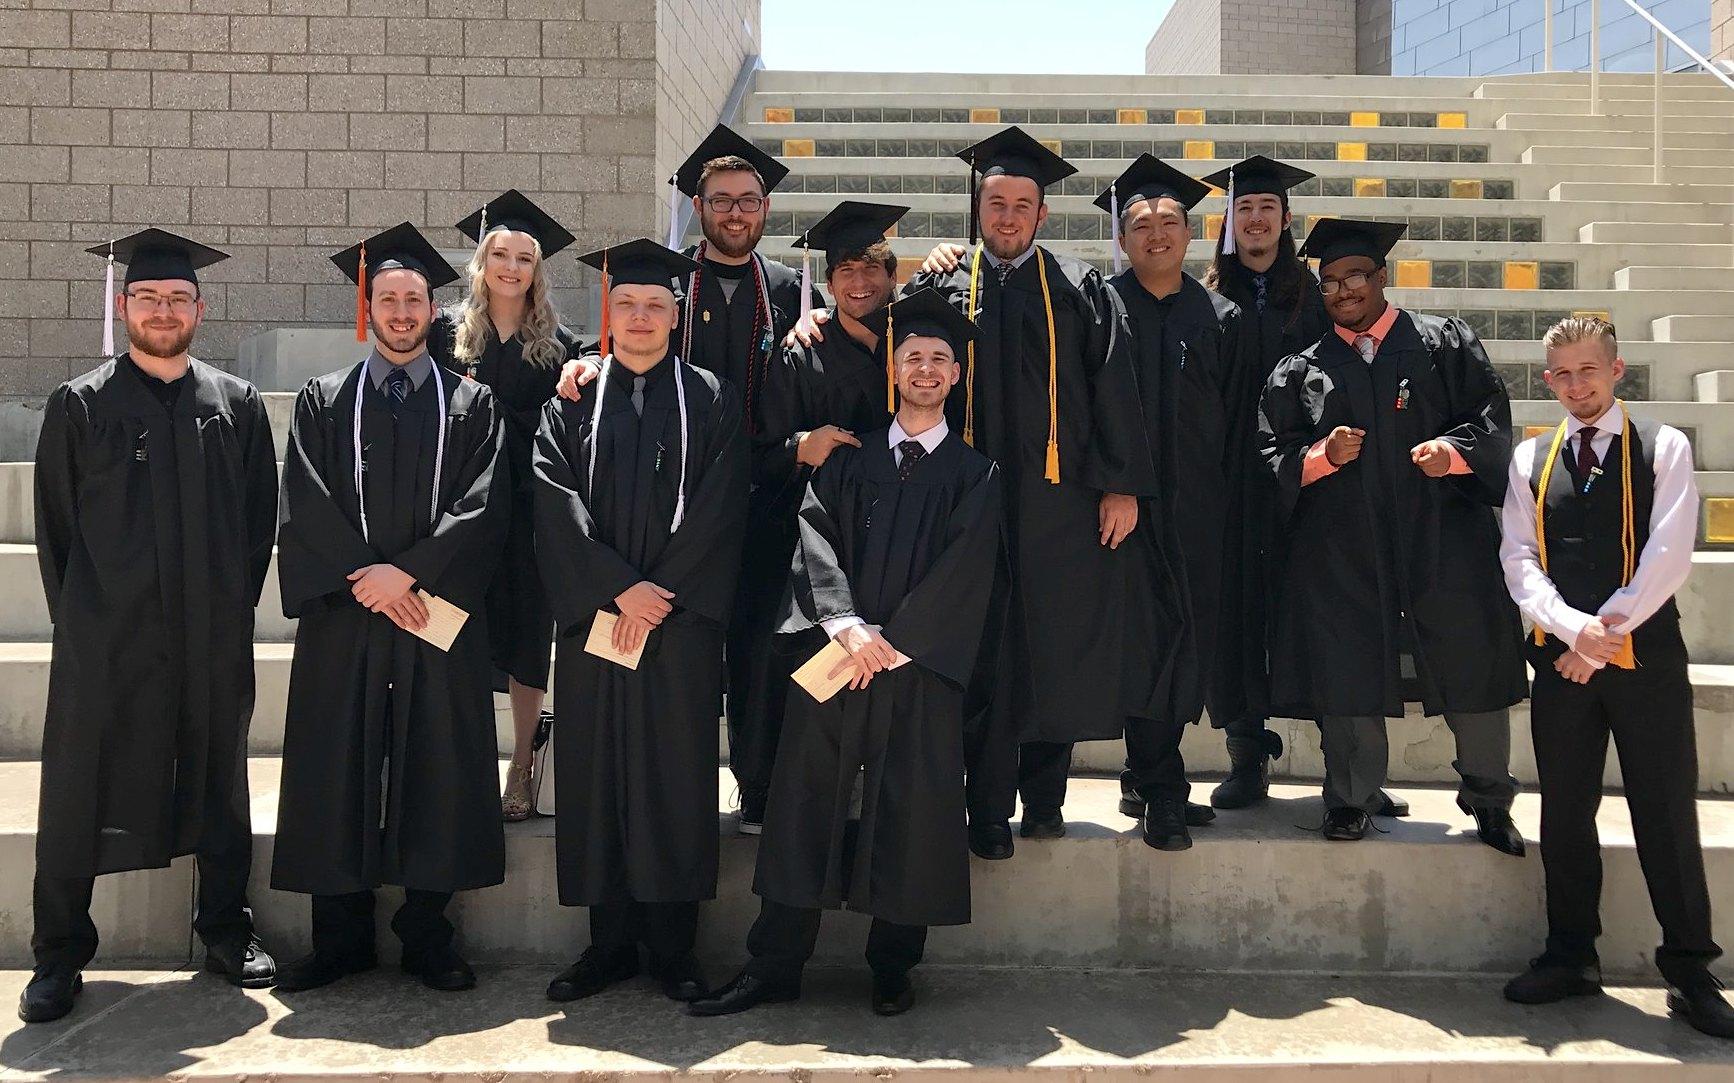 University of Advancing Technology Graduates